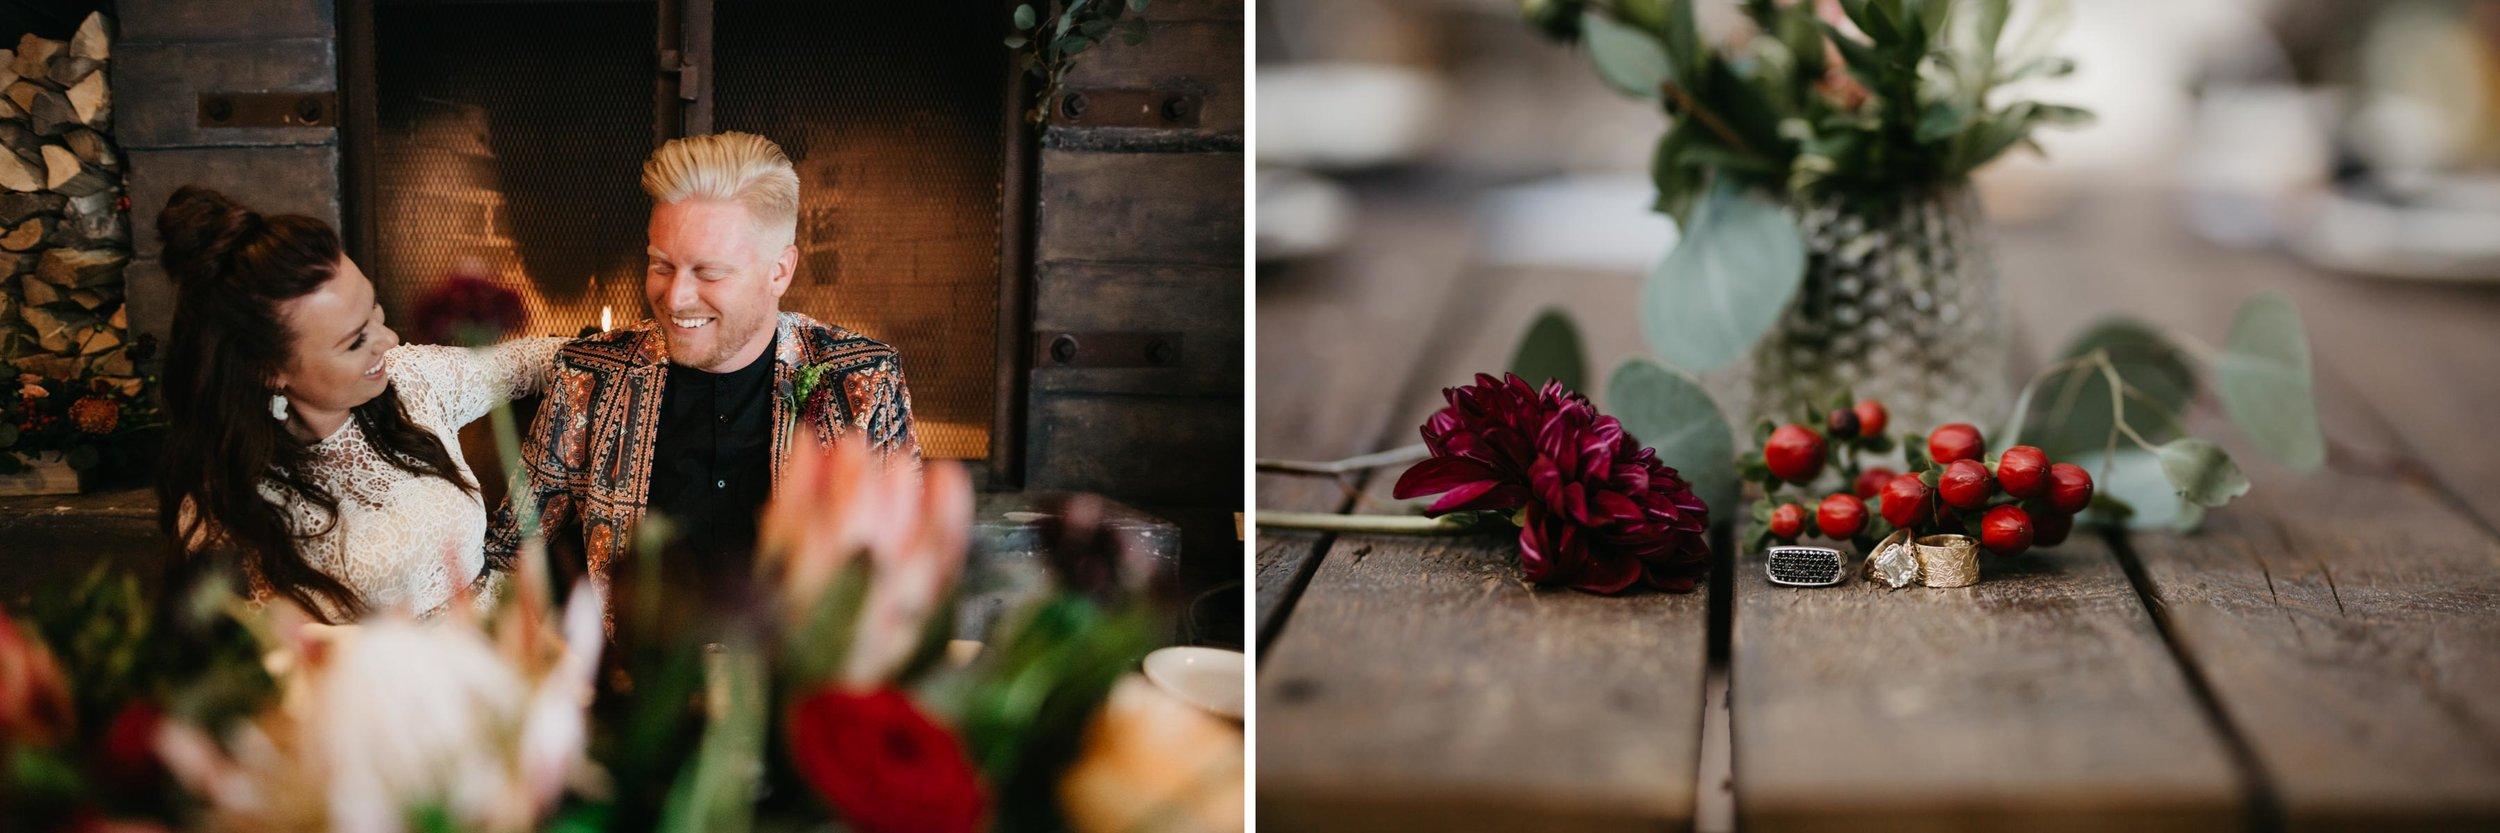 Sundance-Wedding-Photographer-023.jpg